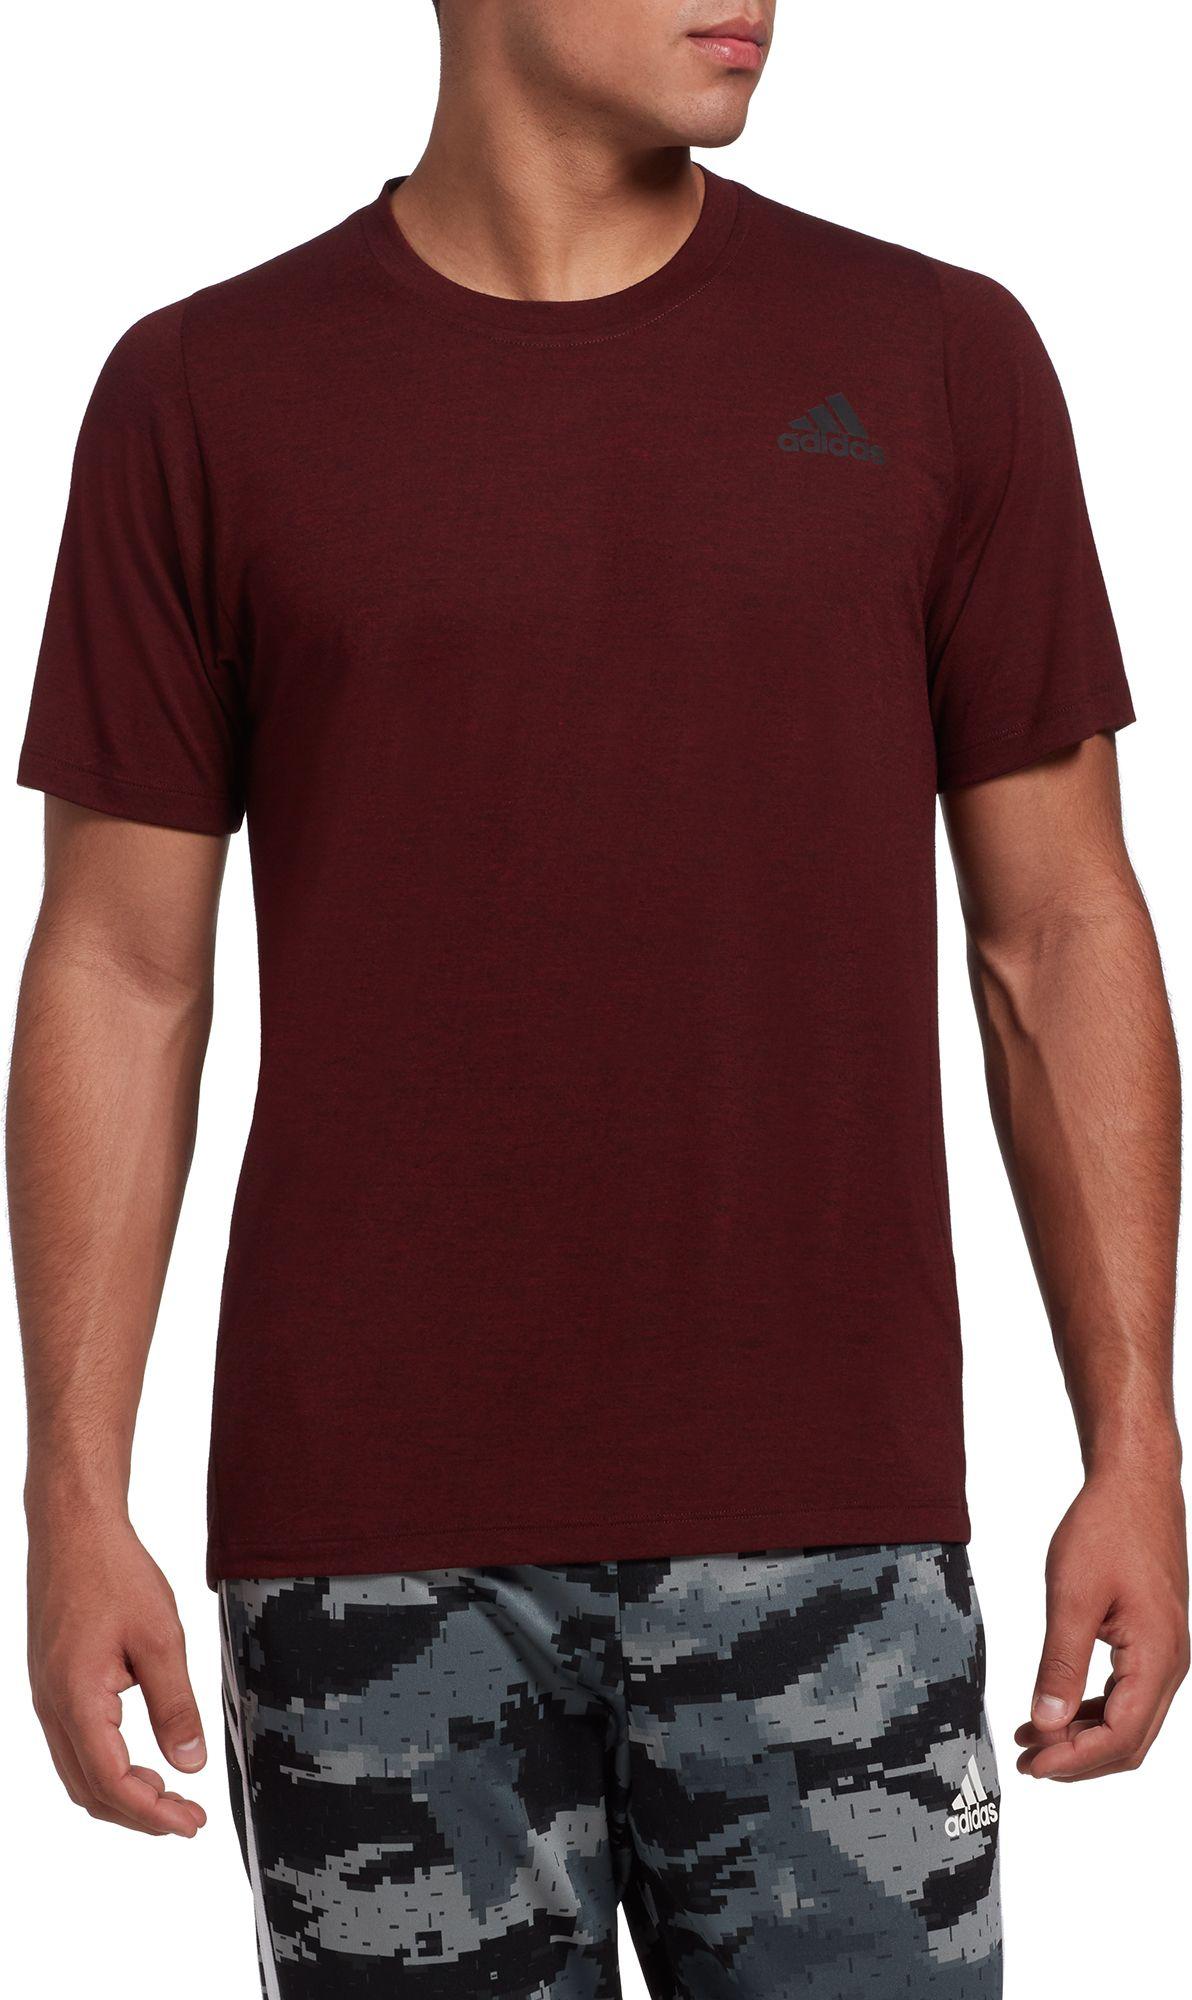 grande Dick t-shirt